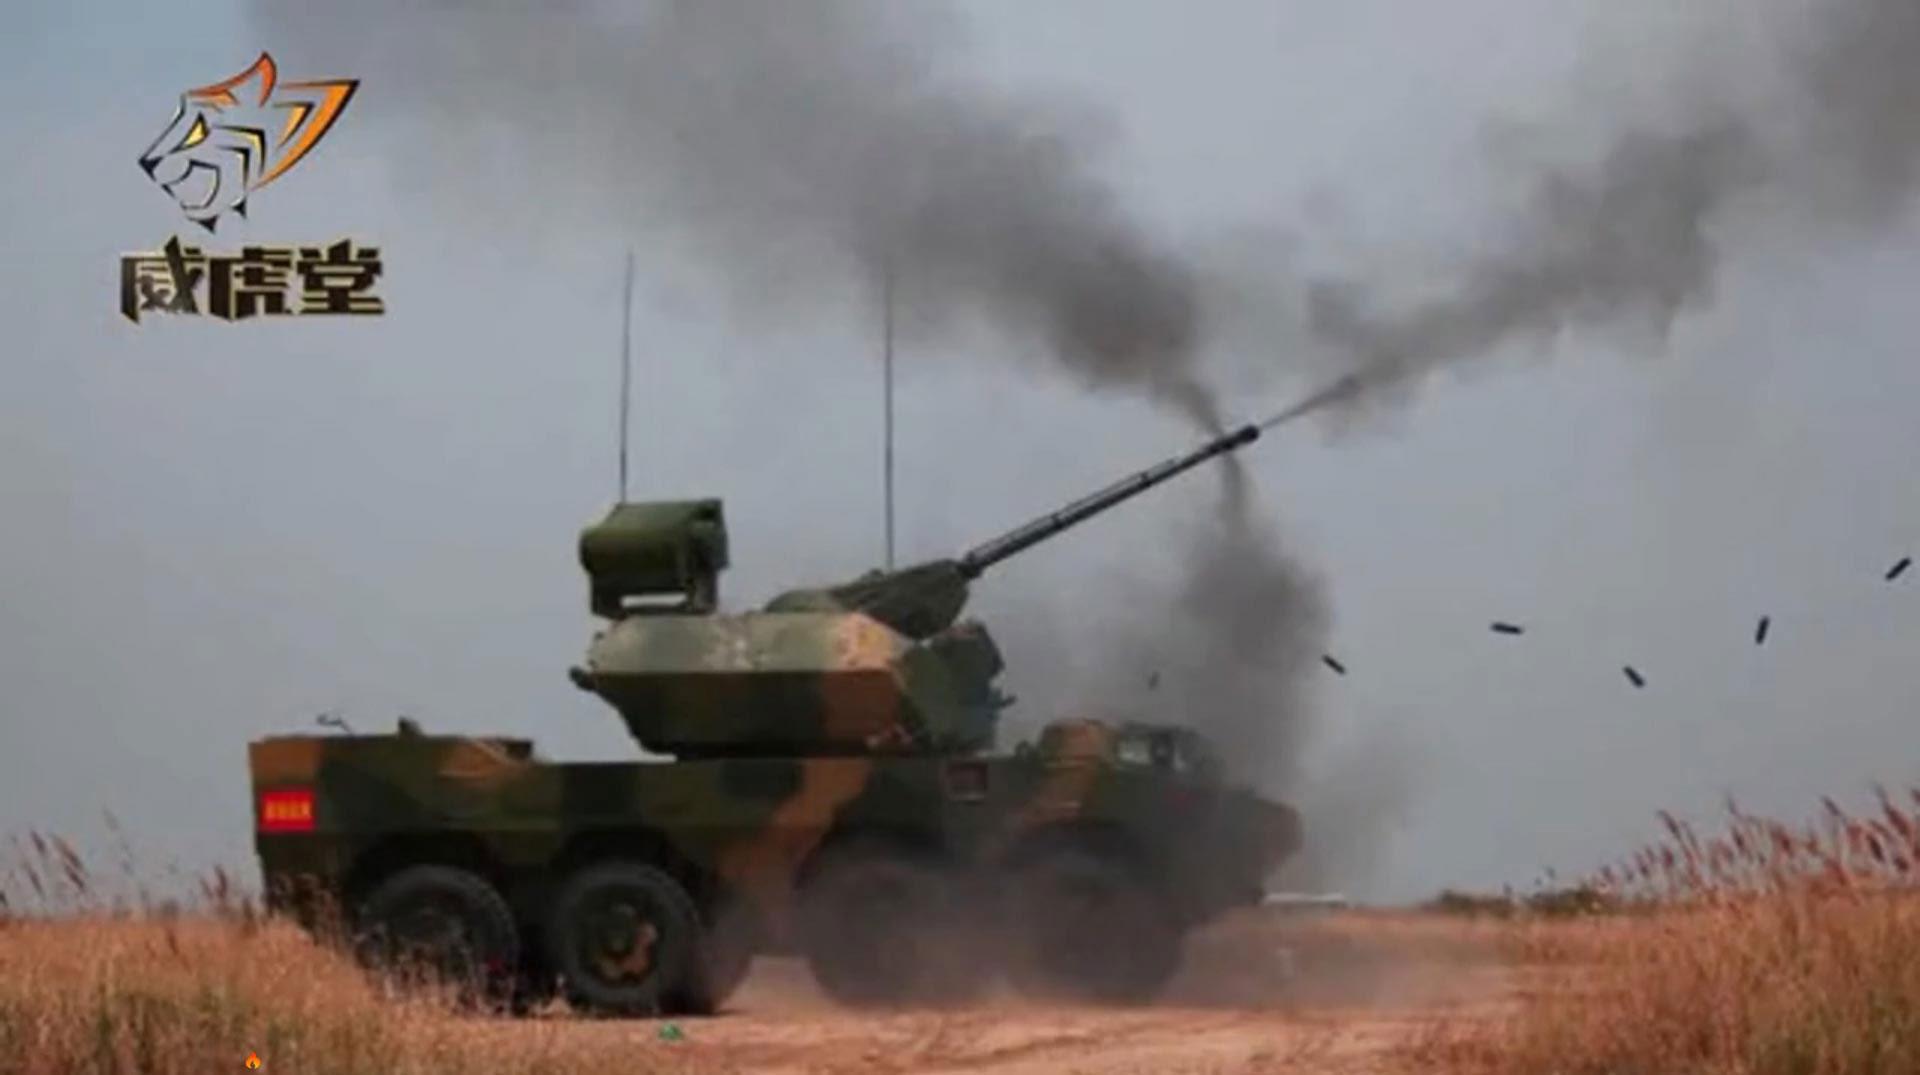 解放军披露新型自行高炮 采用8×8轮式底盘